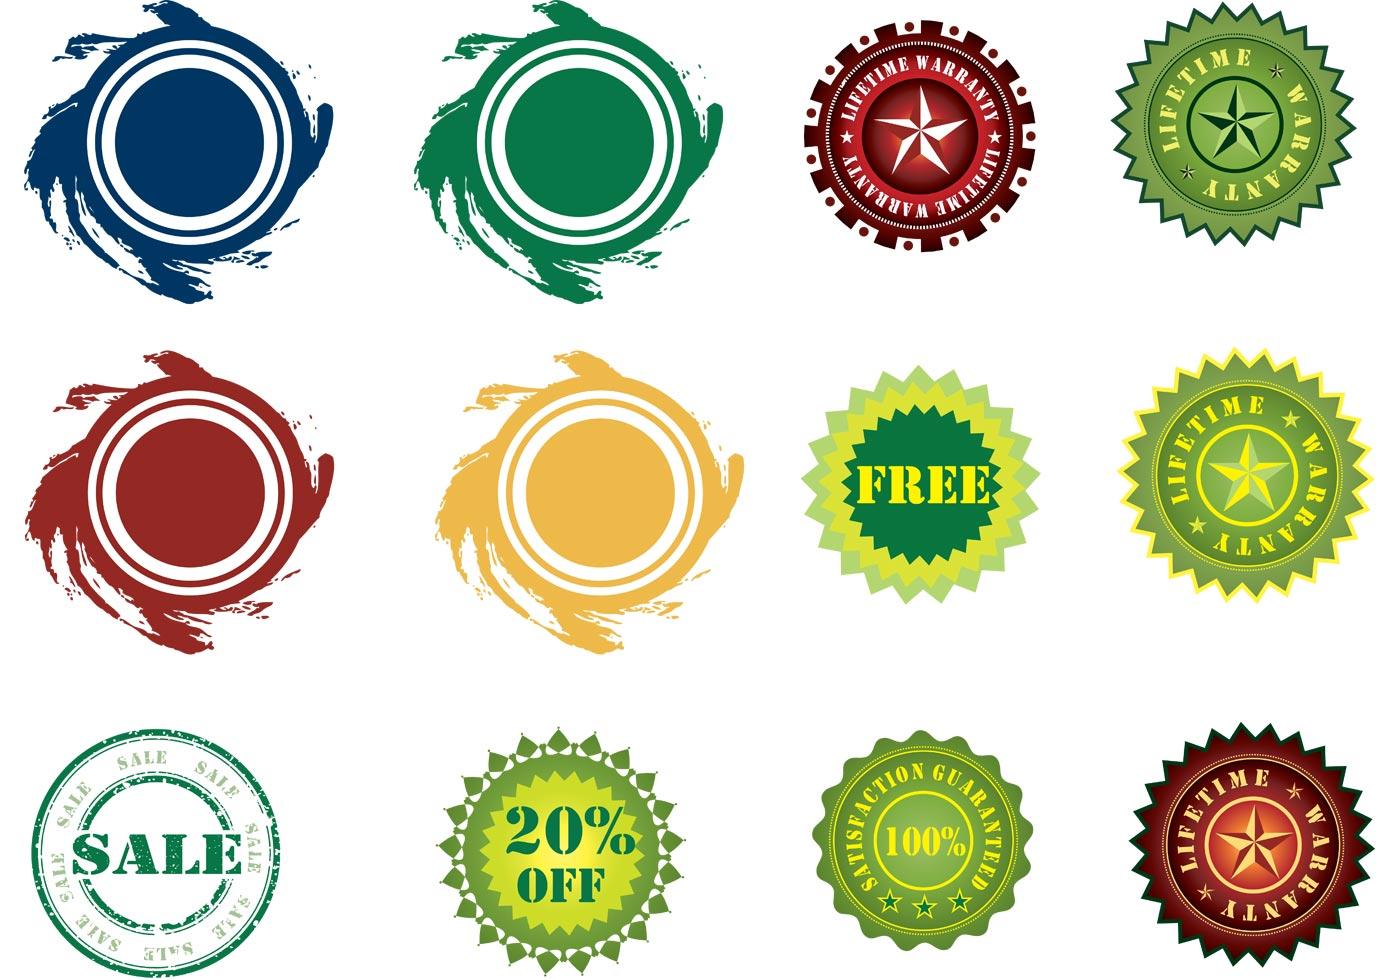 Stickers Vector Set - Download Free Vector Art, Stock ...